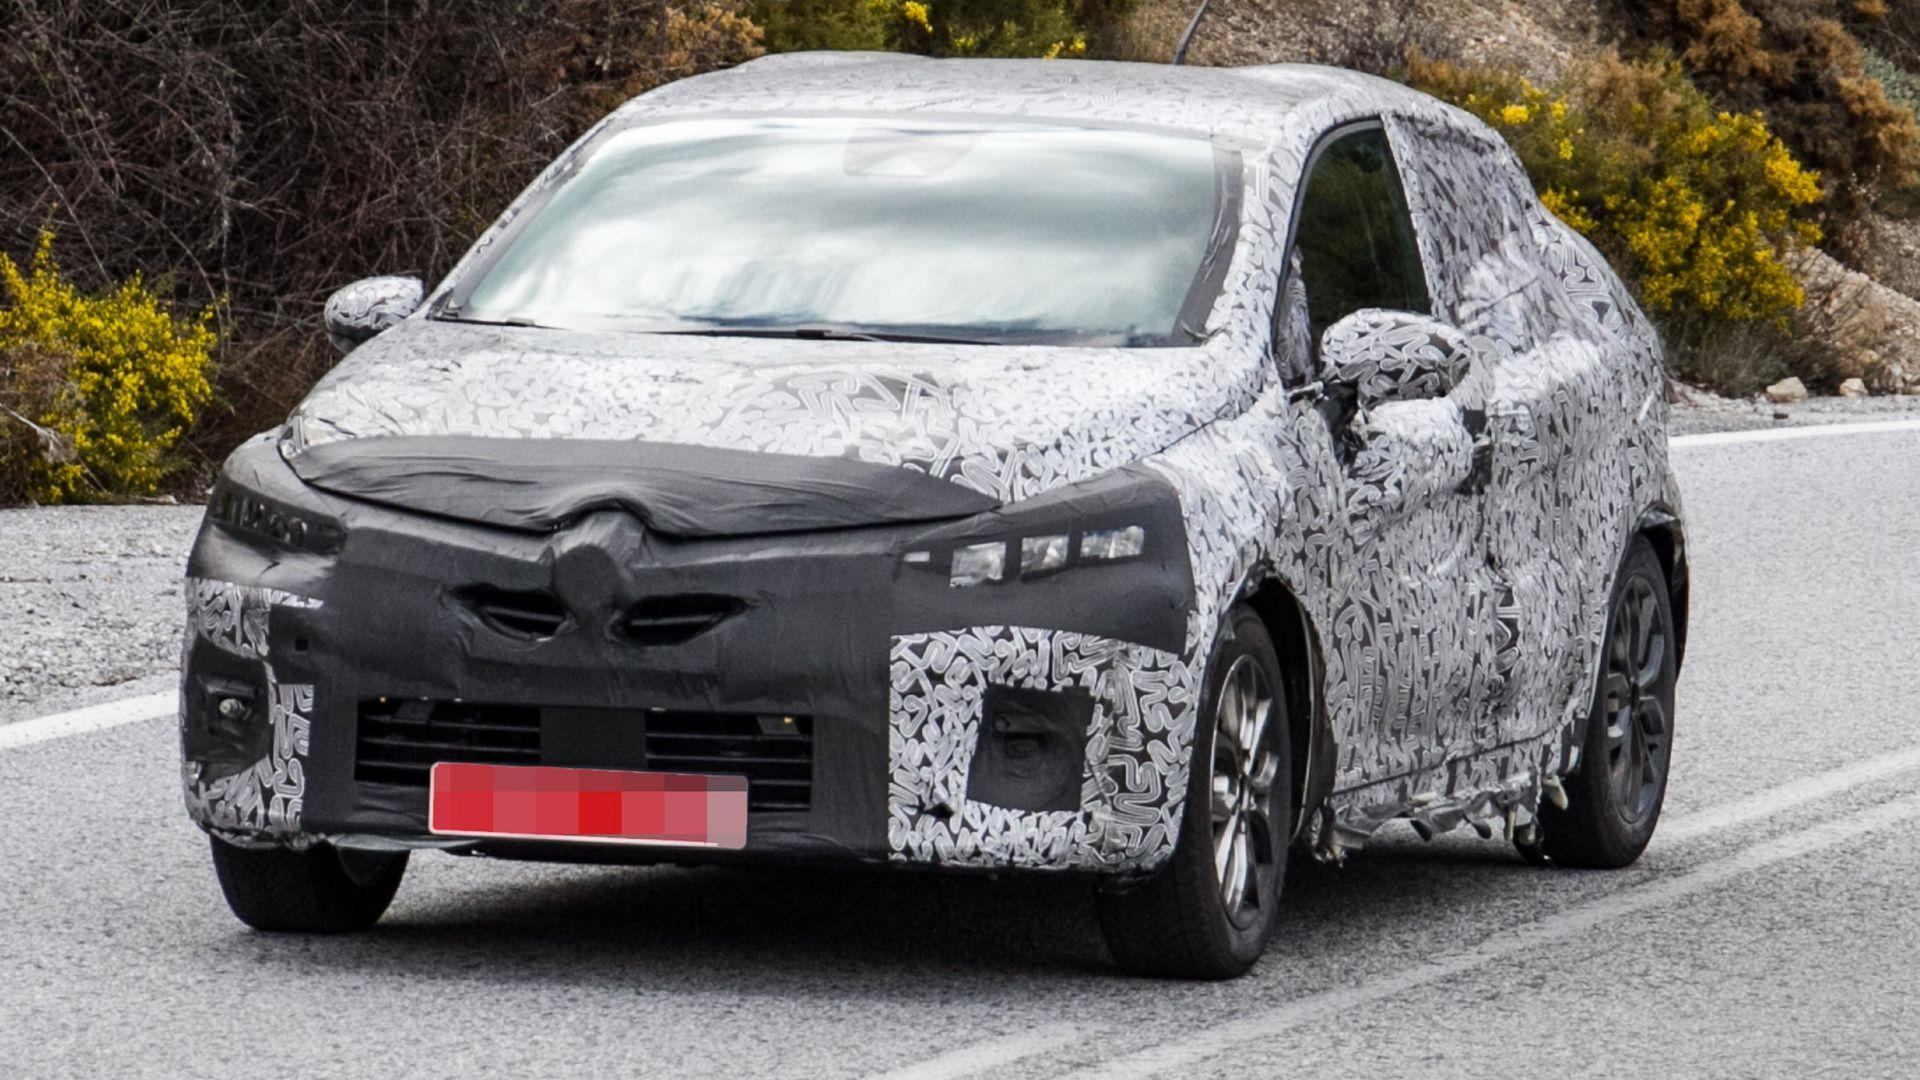 Nuova Renault Clio 5 2019 Foto Dimensioni Motori